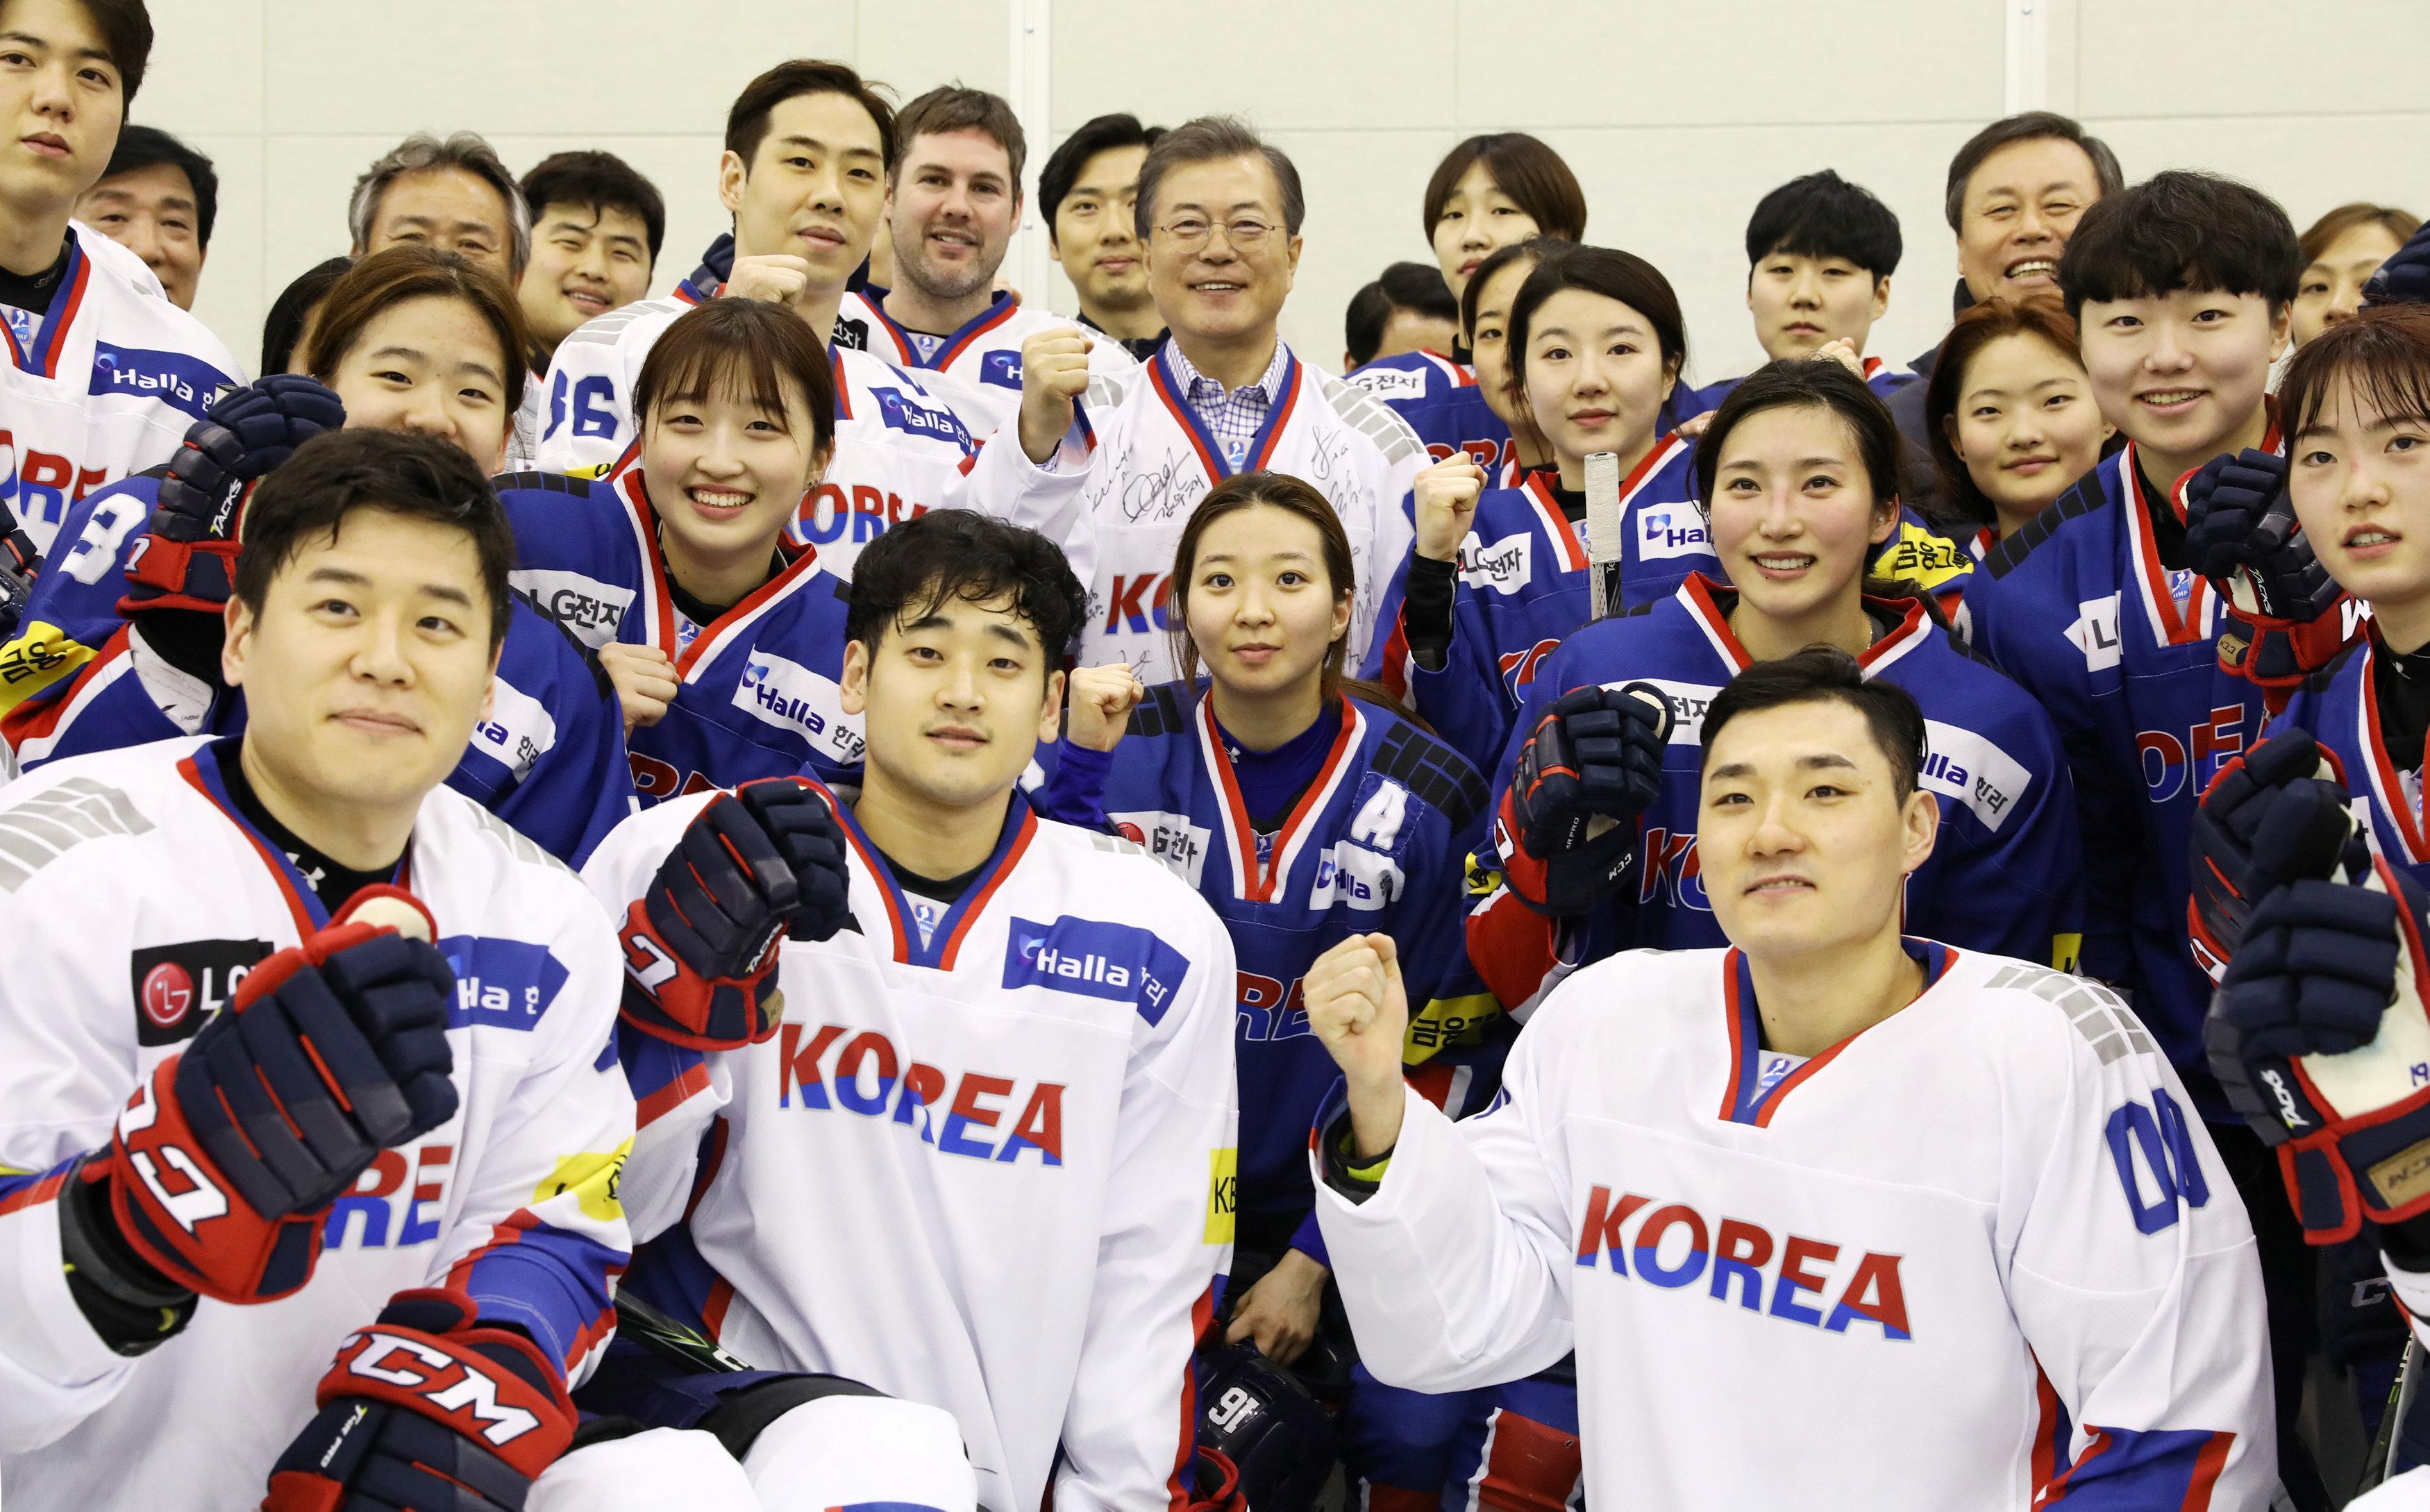 south koreas hockey team - HD3500×2178